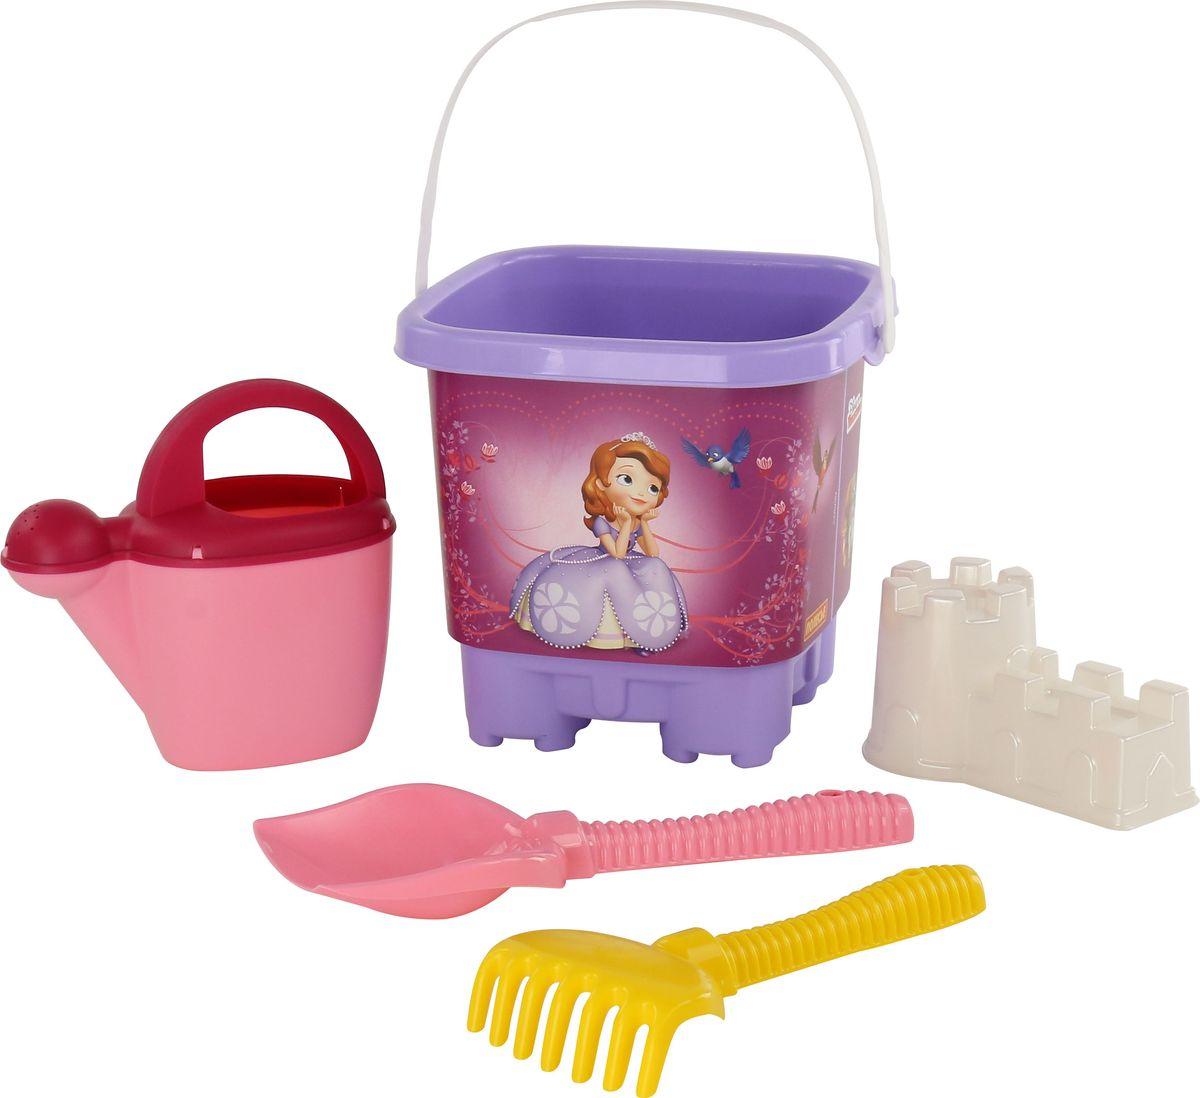 Disney Набор игрушек для песочницы София Прекрасная №4, цвет в ассортименте